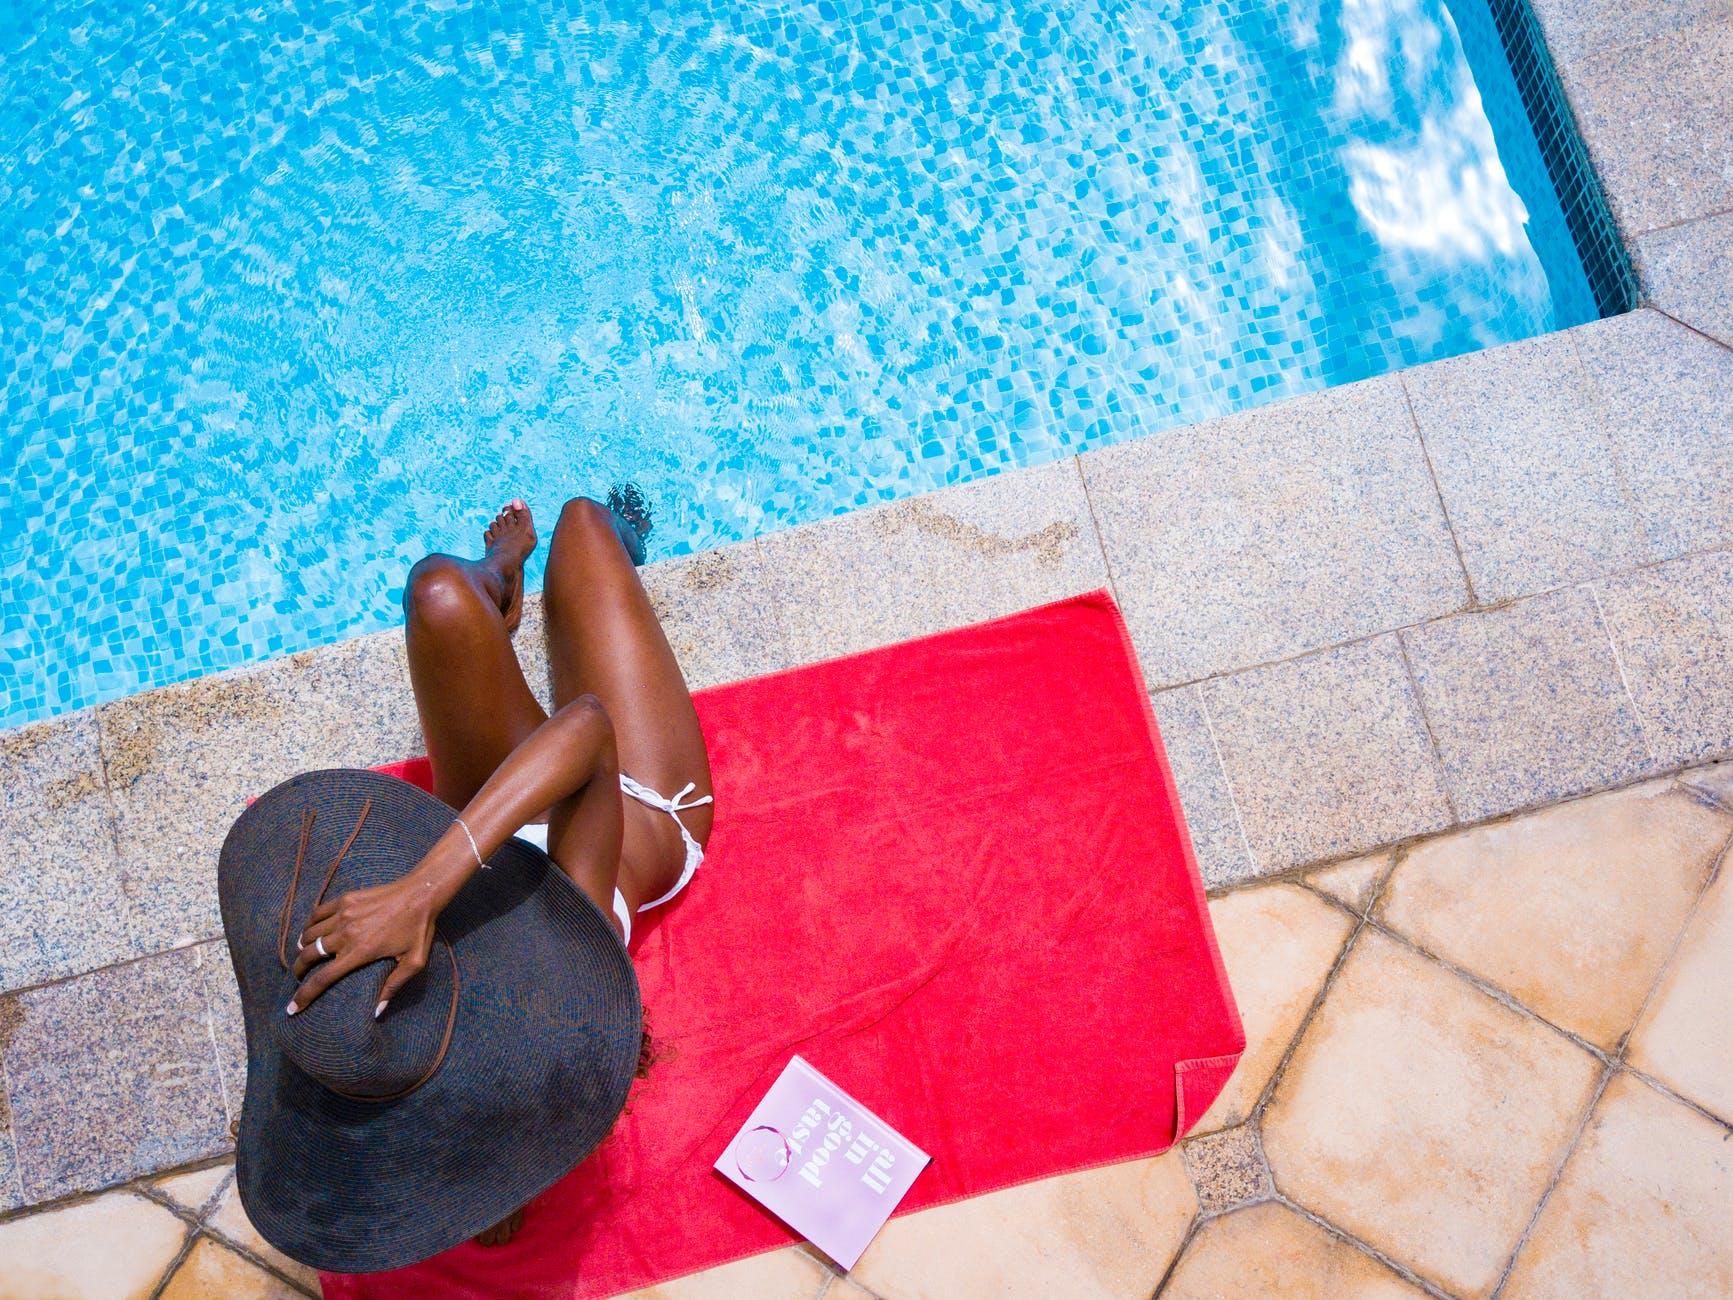 Quelles sont les spécificités d'une piscine enterrée en béton